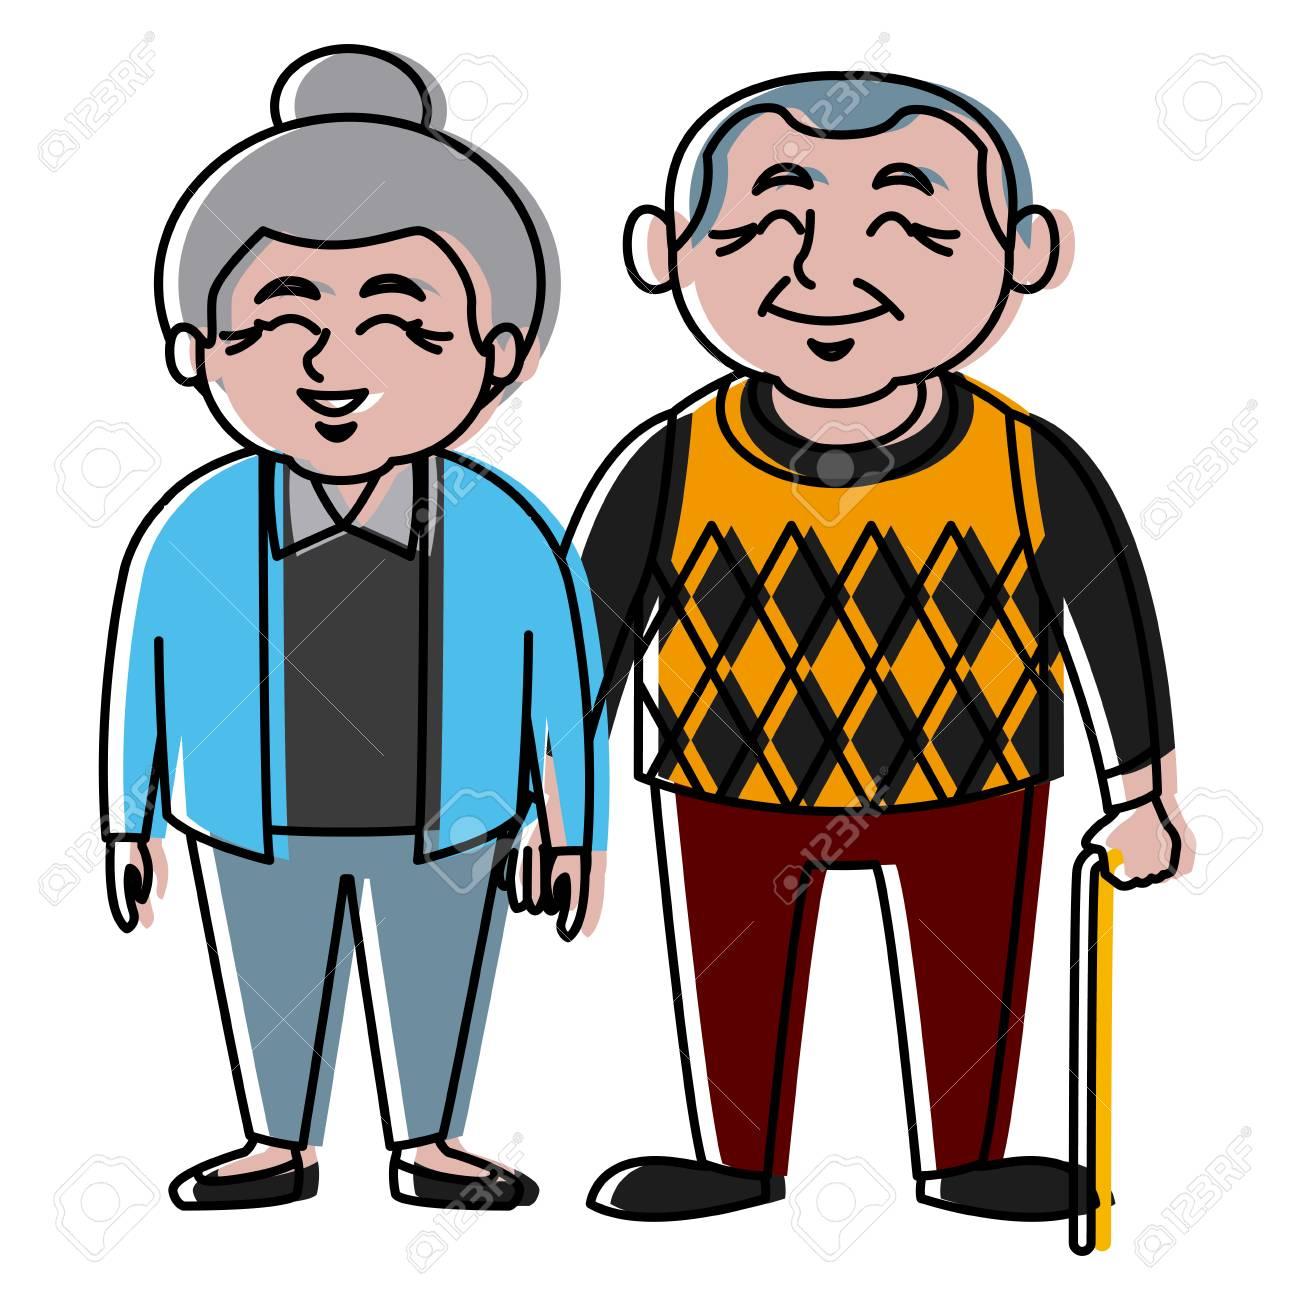 Banque d images - Mignon grands-parents couple dessin animé icône vector  illustration design graphique 485862f55e4c